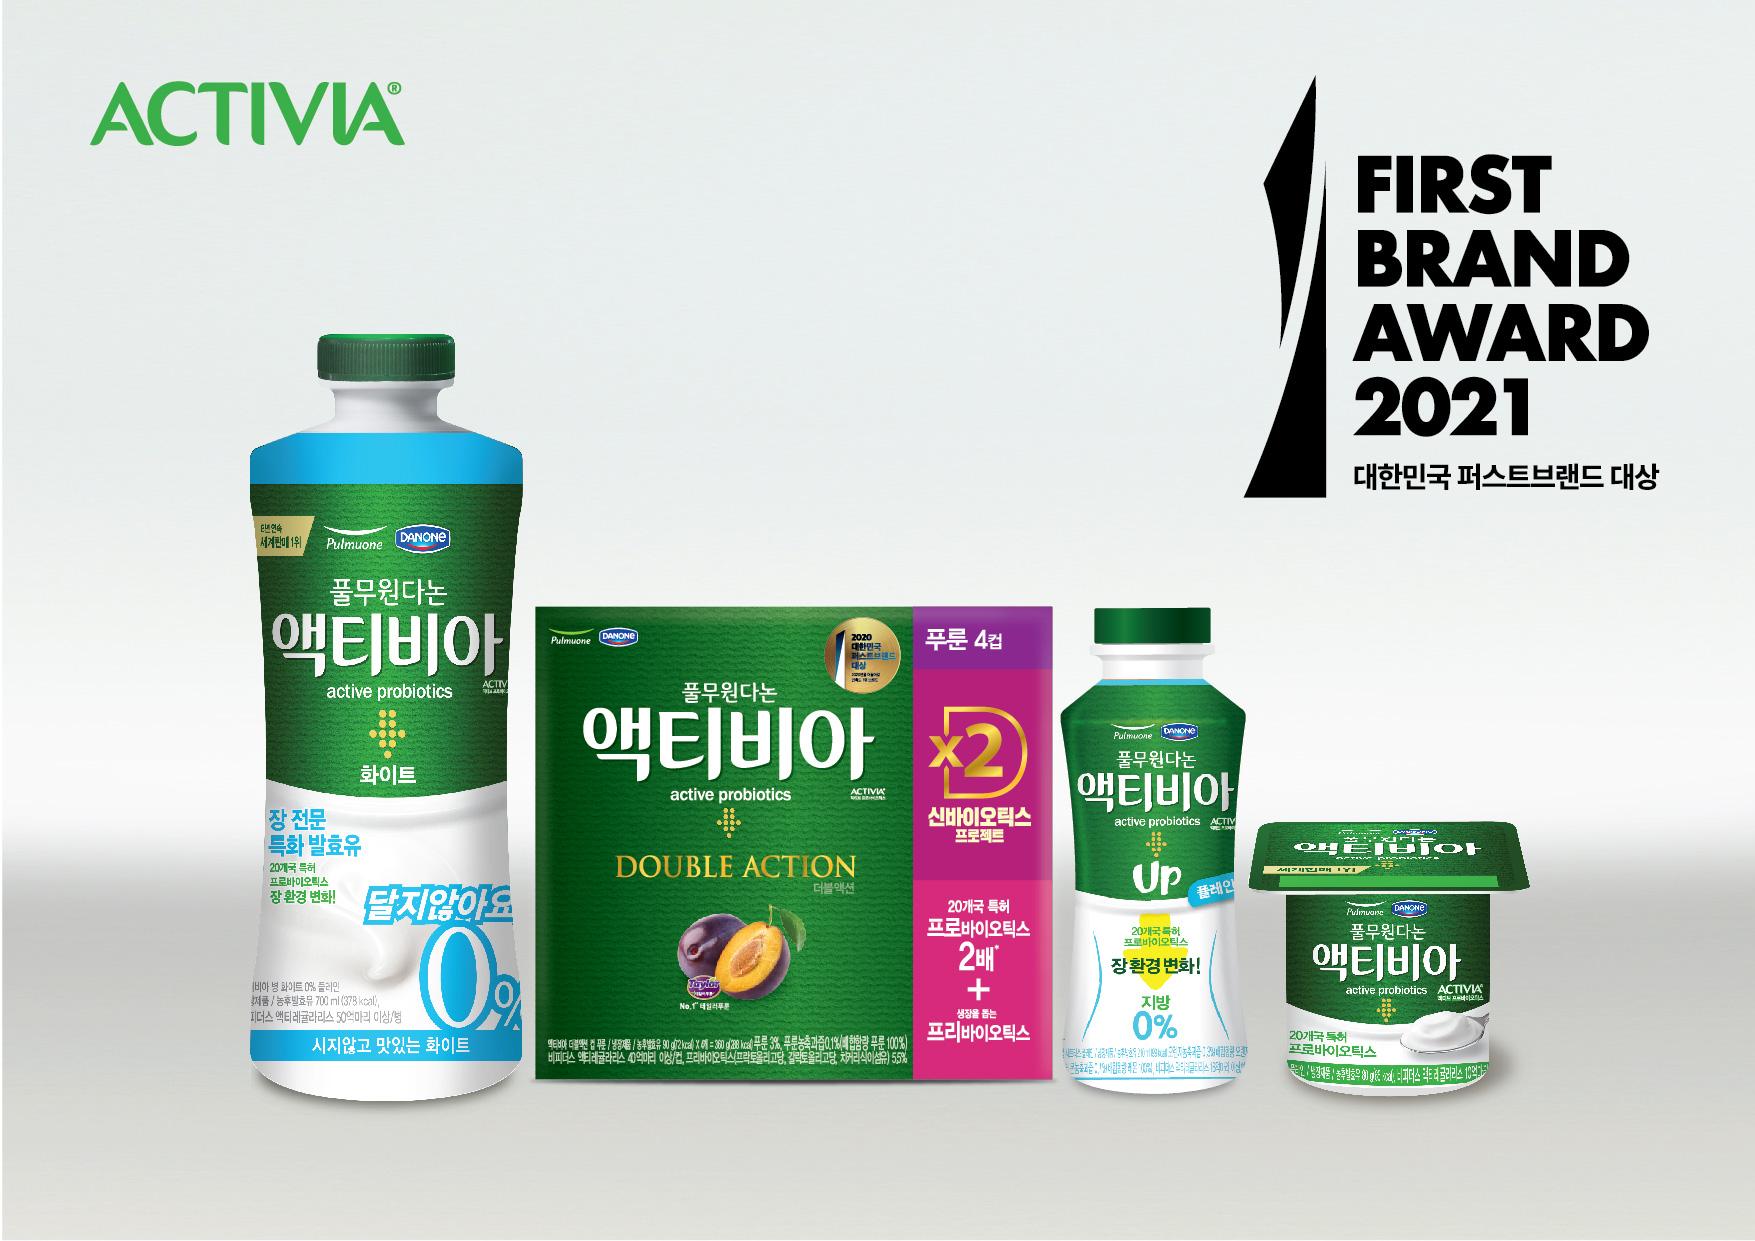 풀무원다논 액티비아가 2년 연속 '대한민국 퍼스트브랜드 대상' 발효유 부문 대상에 선정됐어요!